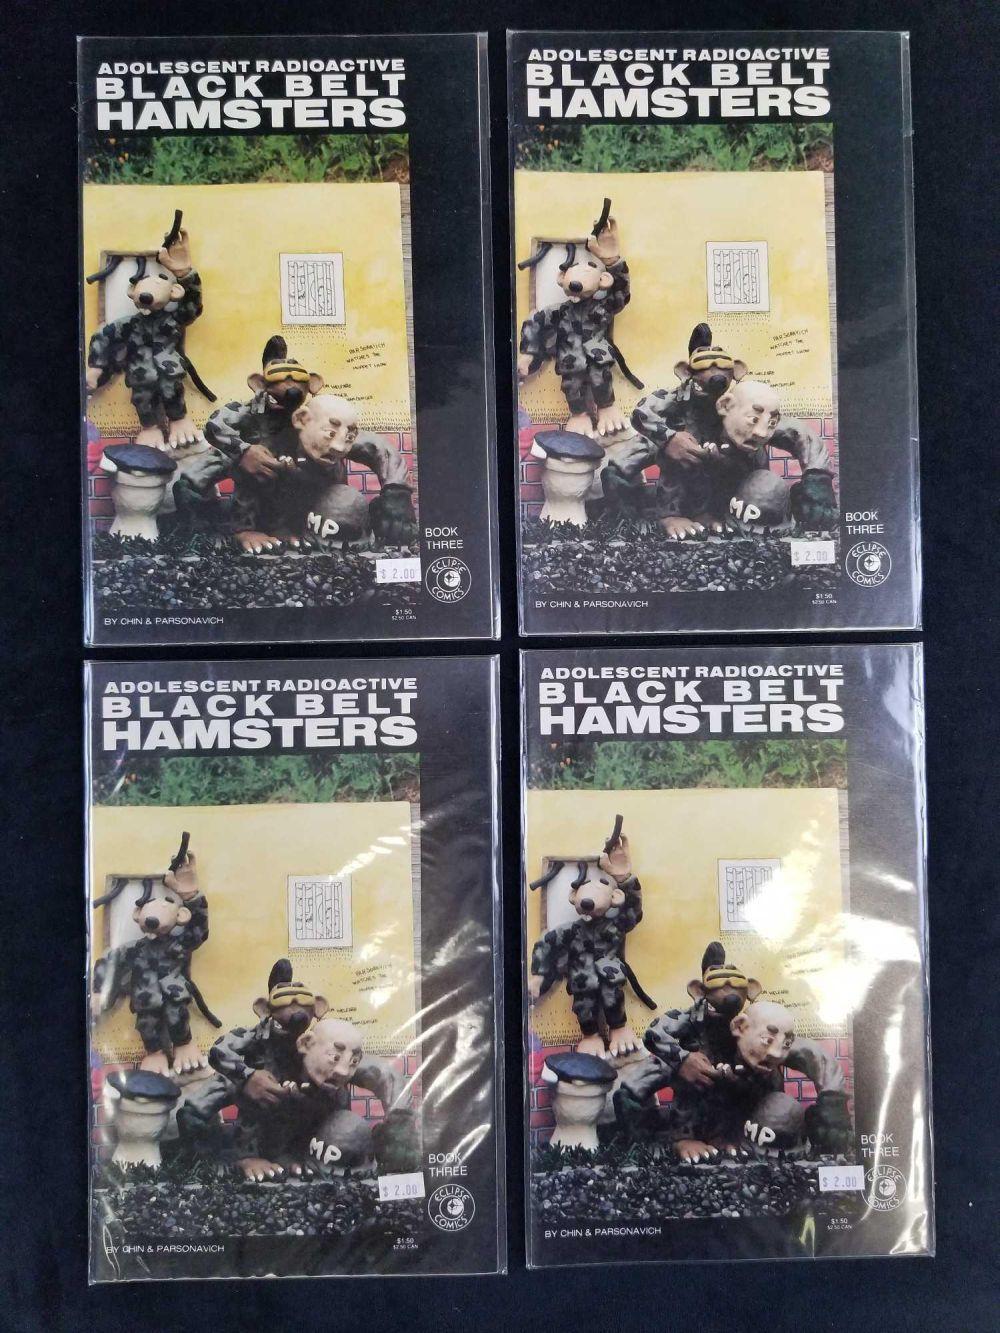 Lot 43: Lot of 9 Adolescent Radioactive Blackbelt Hamsters Comics